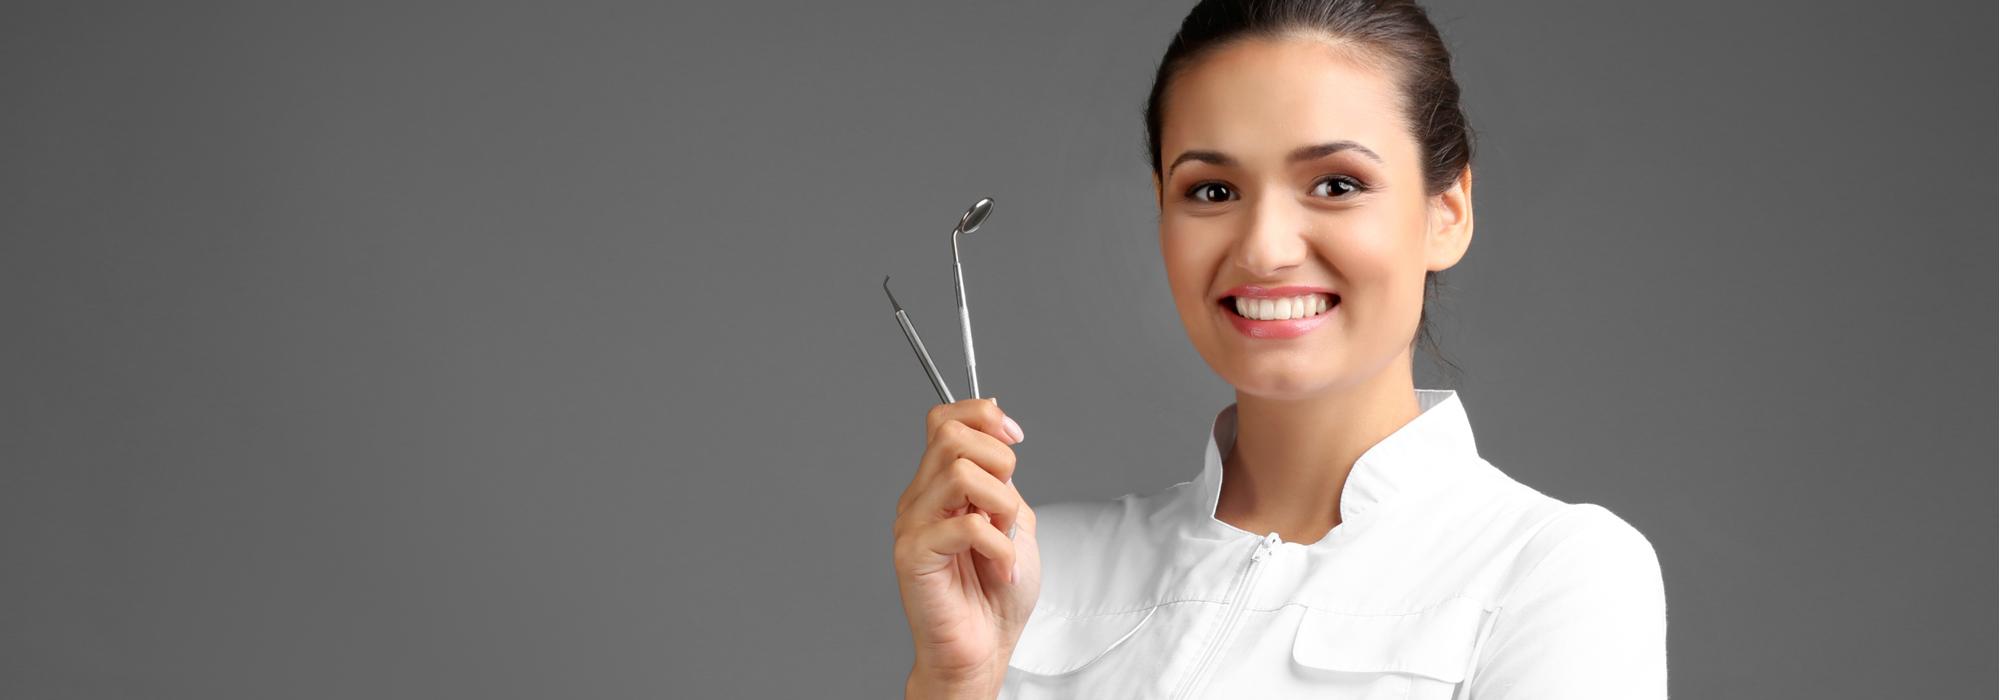 Endodontics-Dentistry